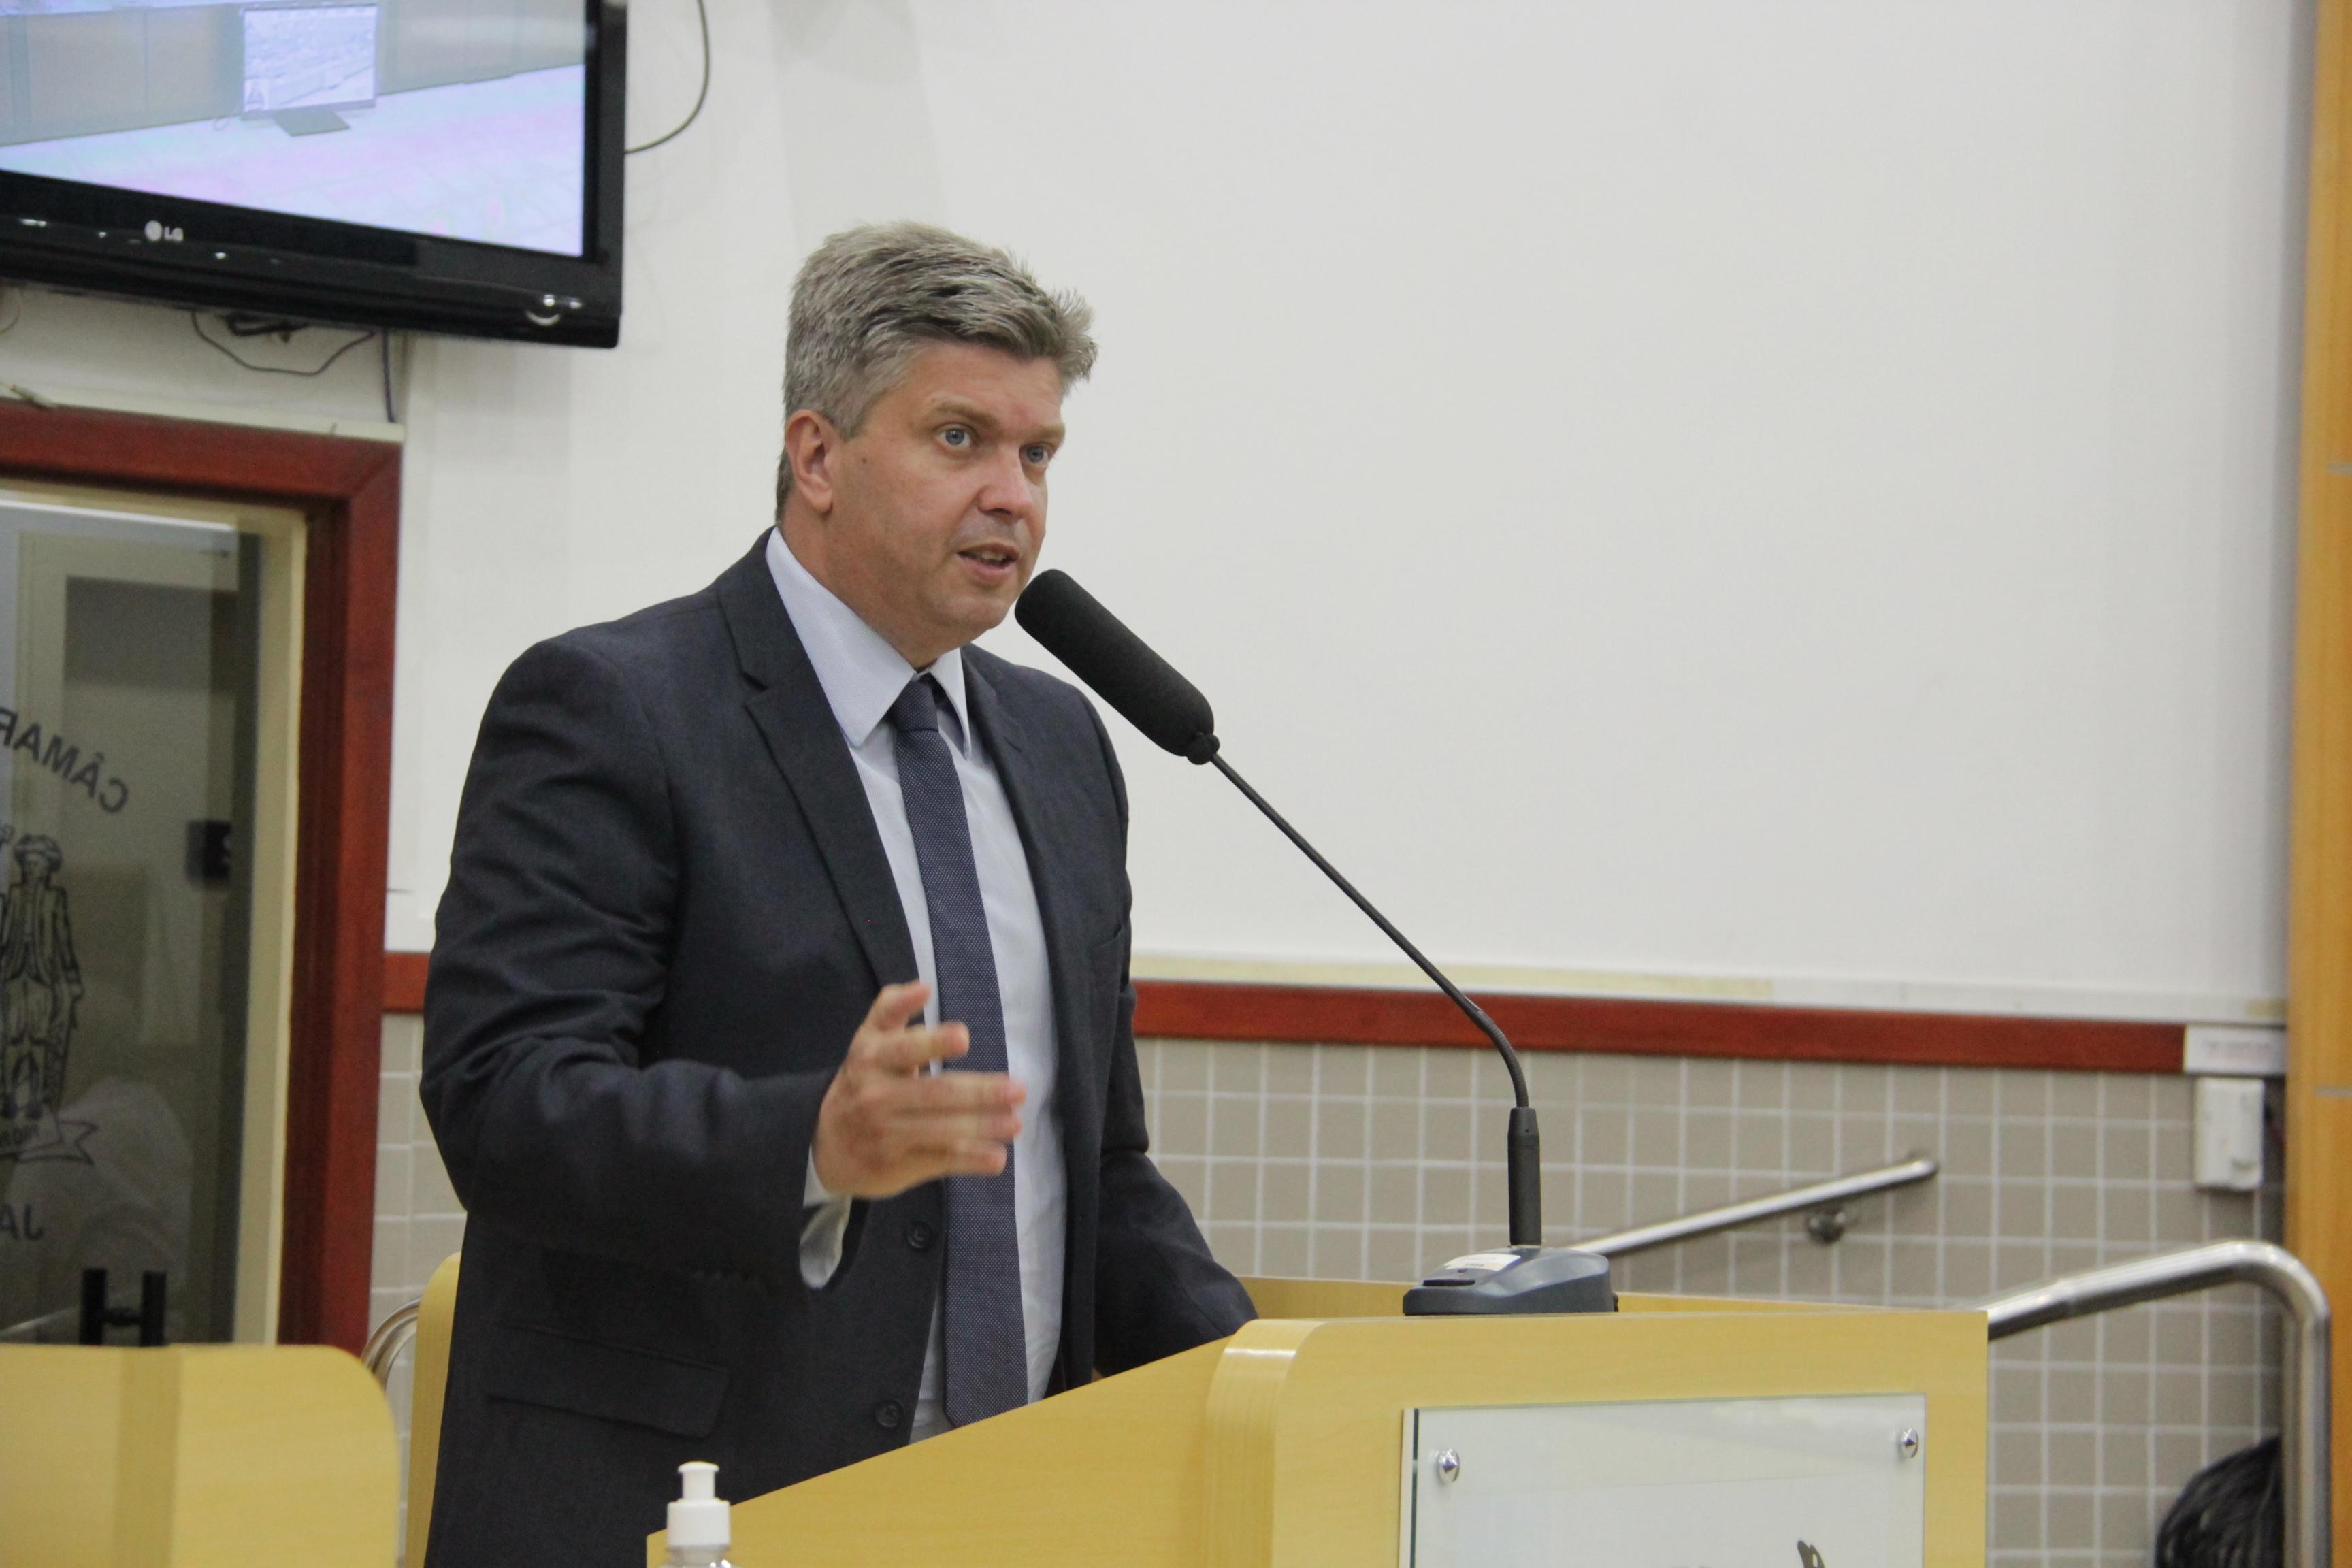 Vereador questiona prefeito sobre obras para contenção de enchentes de 2017 a 2020